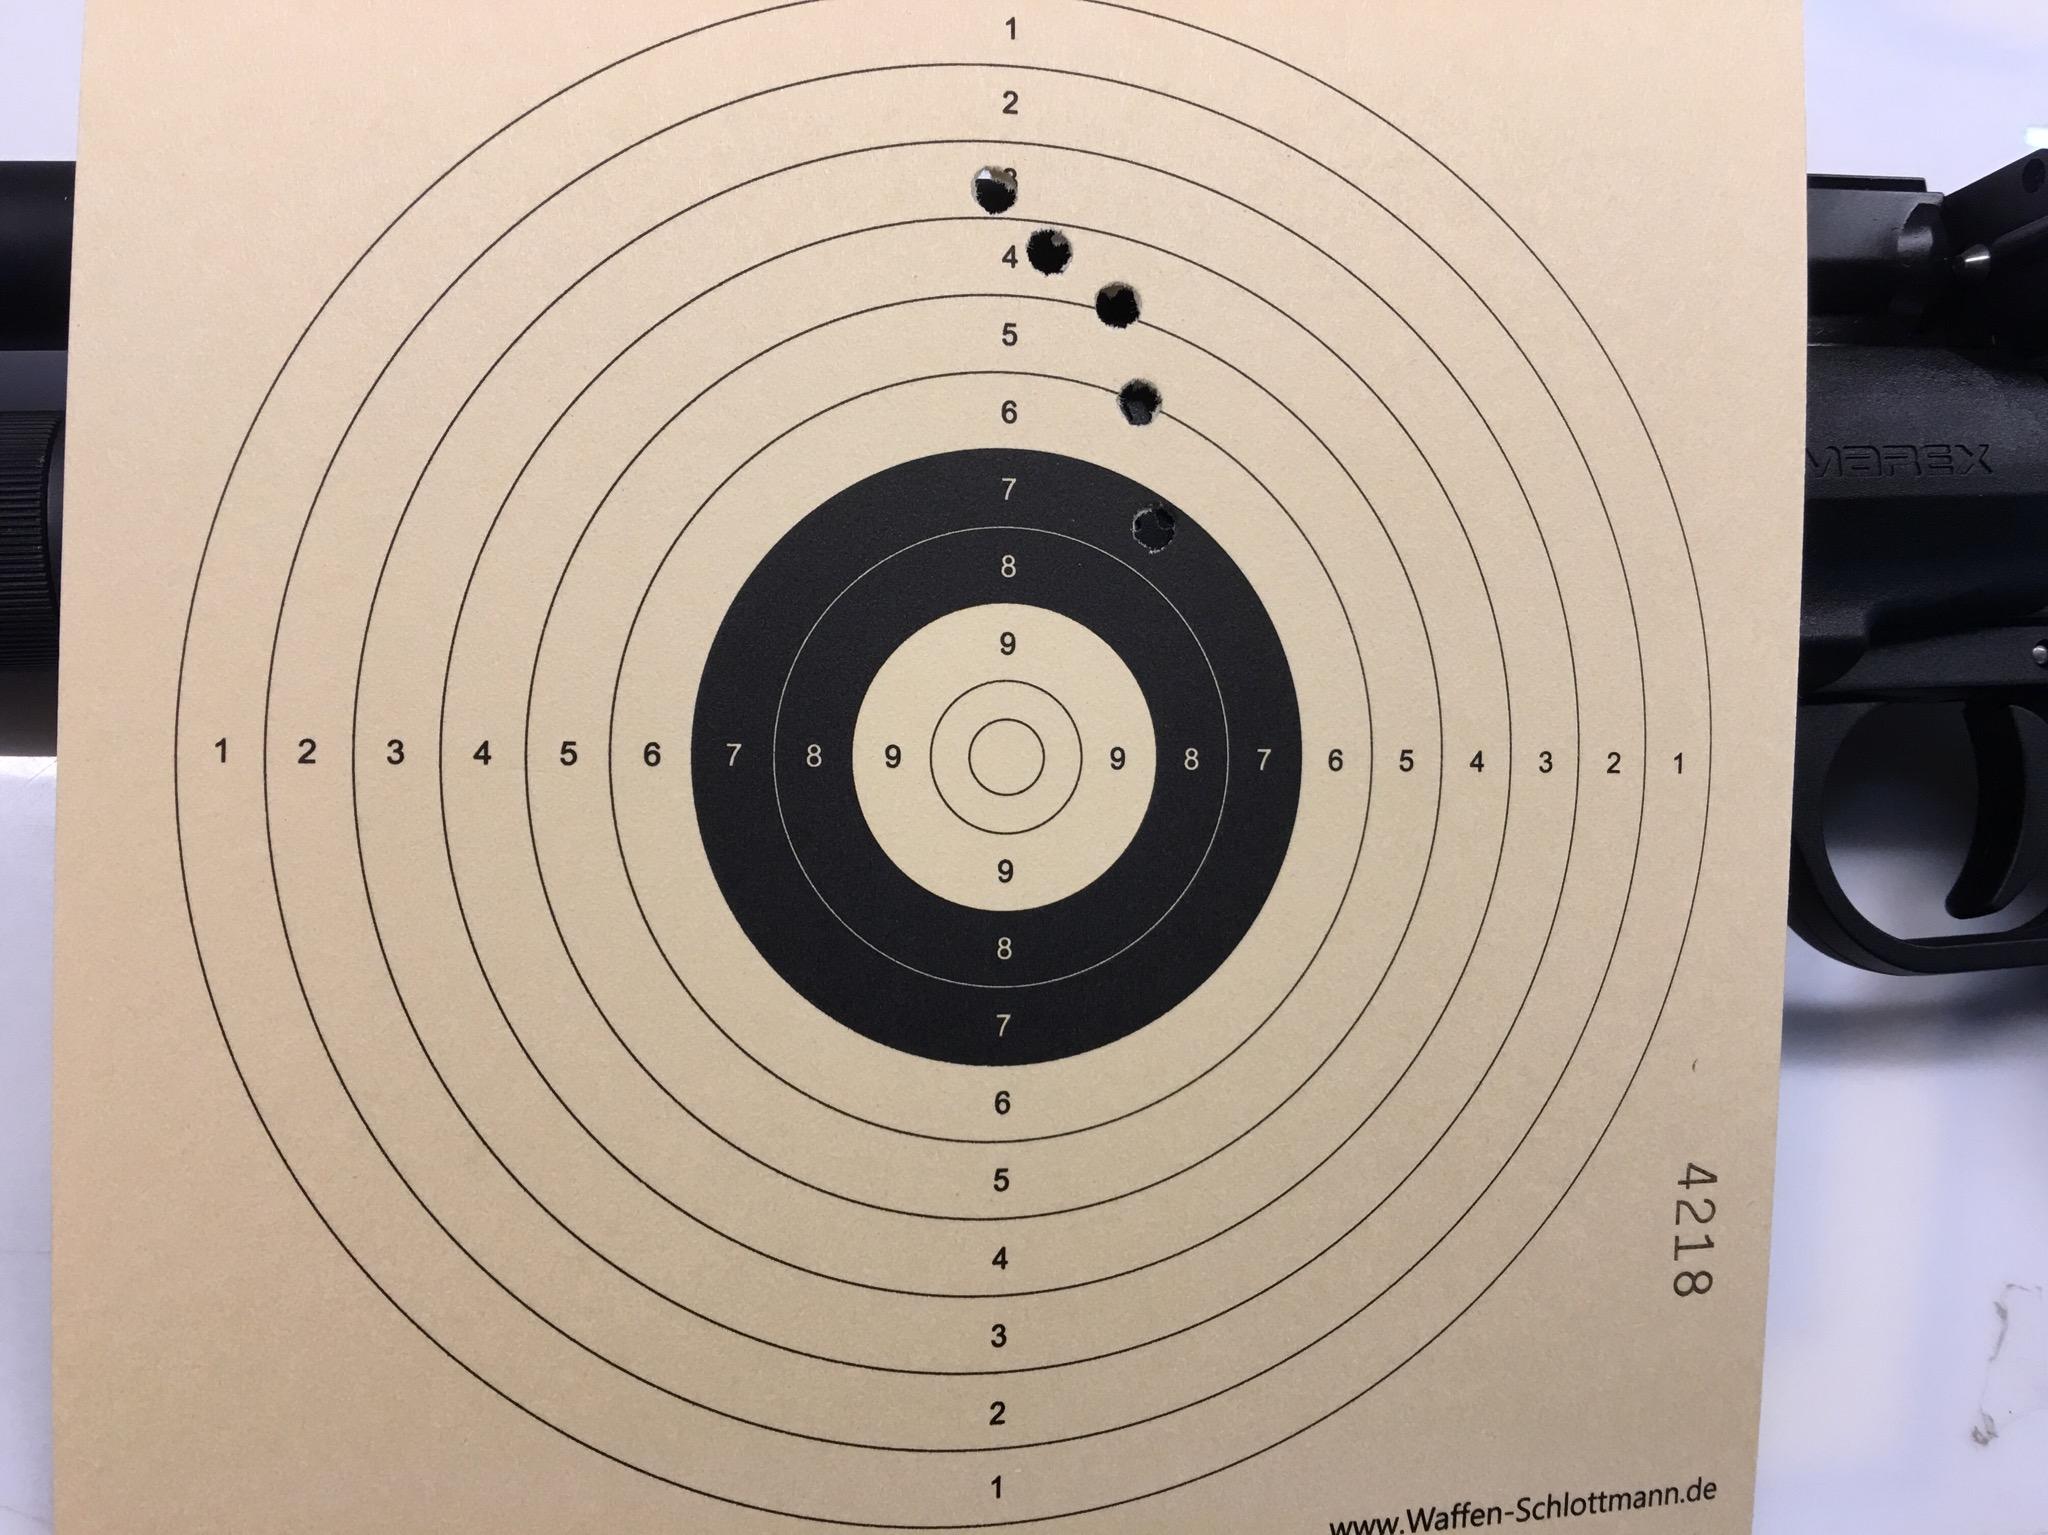 Mein erstes Trefferbild mit einer RP5 auf 12 m Distanz / Allerdings Kal. 4,5m